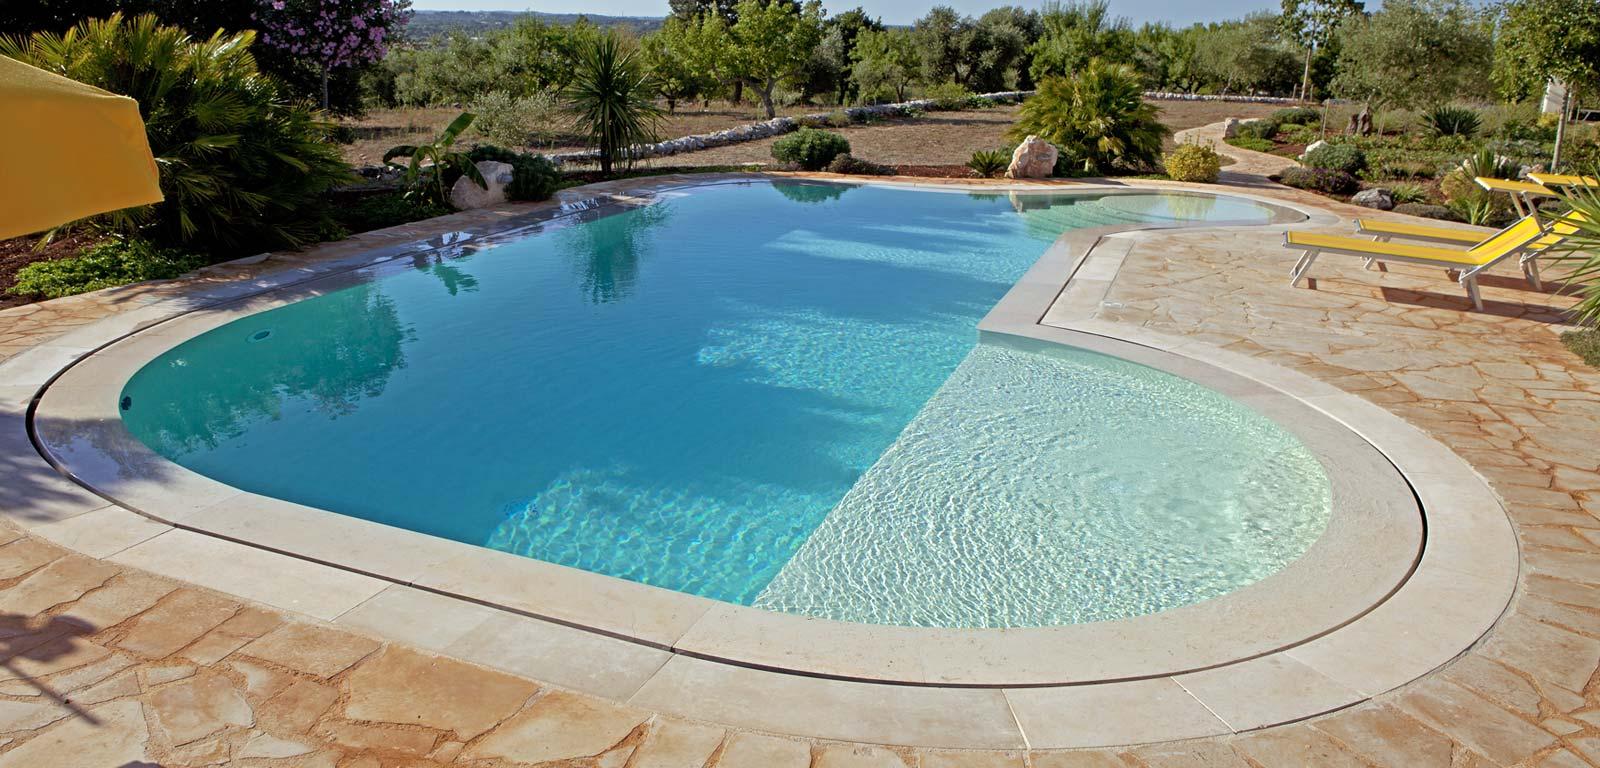 Sfioro trilogy piscine castiglione for Acqua per piscine